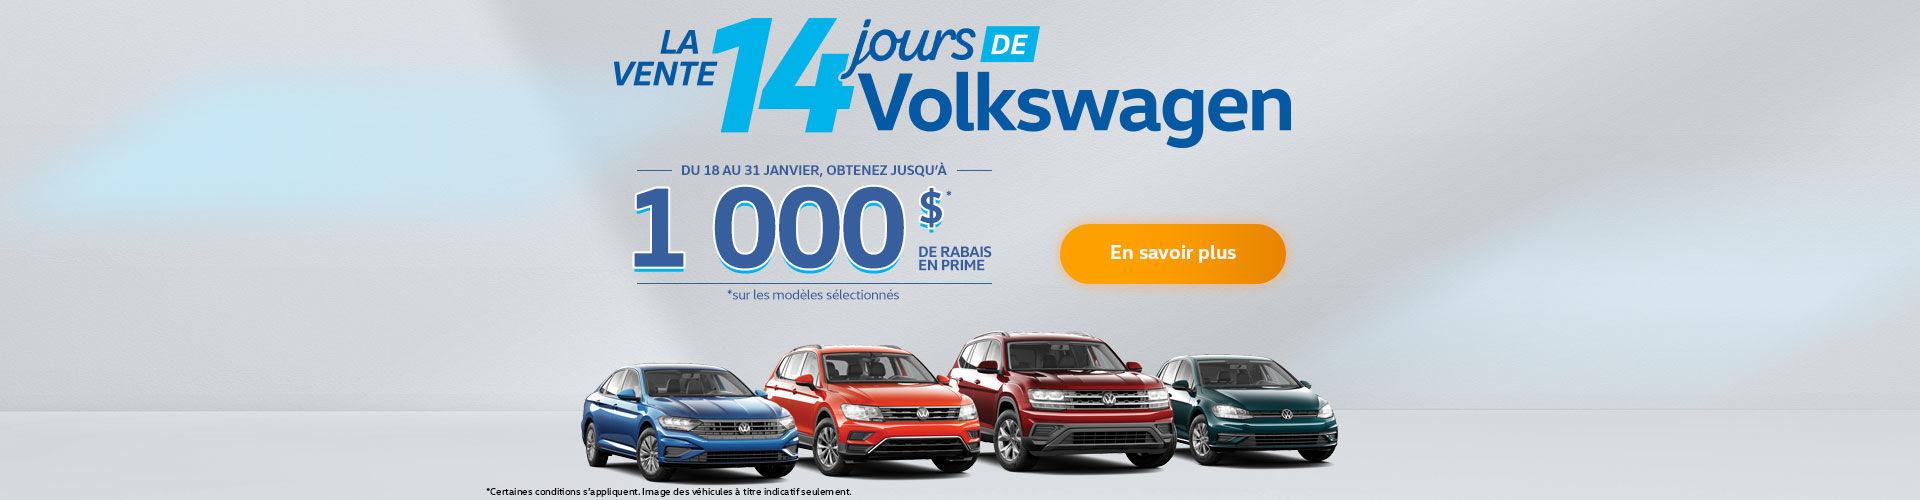 Volkswagen salon de l'auto événement (Copie)